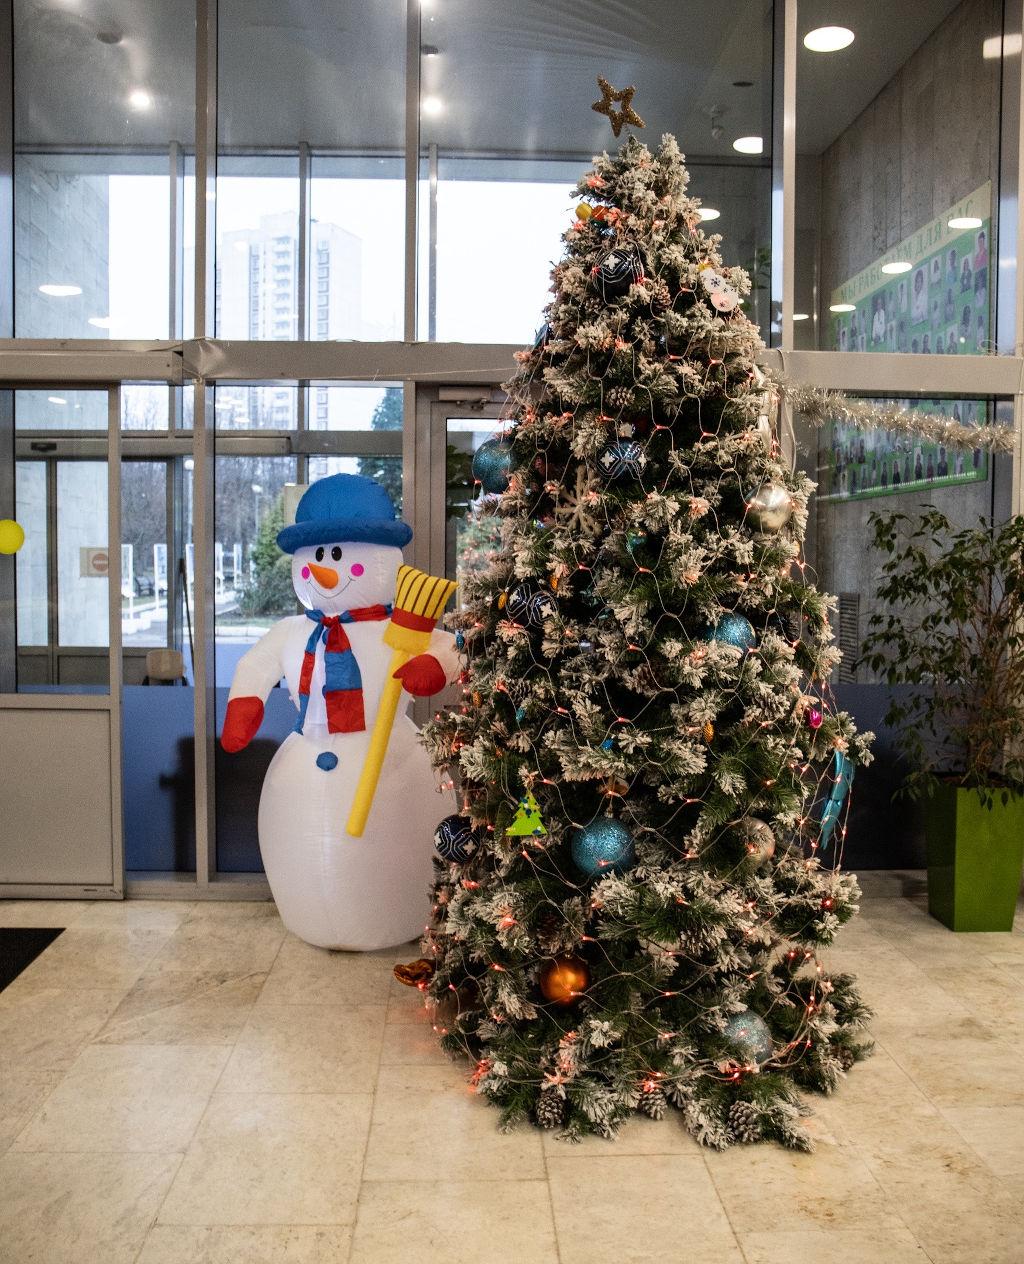 """В рамках благотворительной акции """"Свет праздника"""" компания @gkprofelectro подарила нашей больнице новогоднюю иллюминацию, которая теперь радует детишек, находящихся у нас на лечении."""